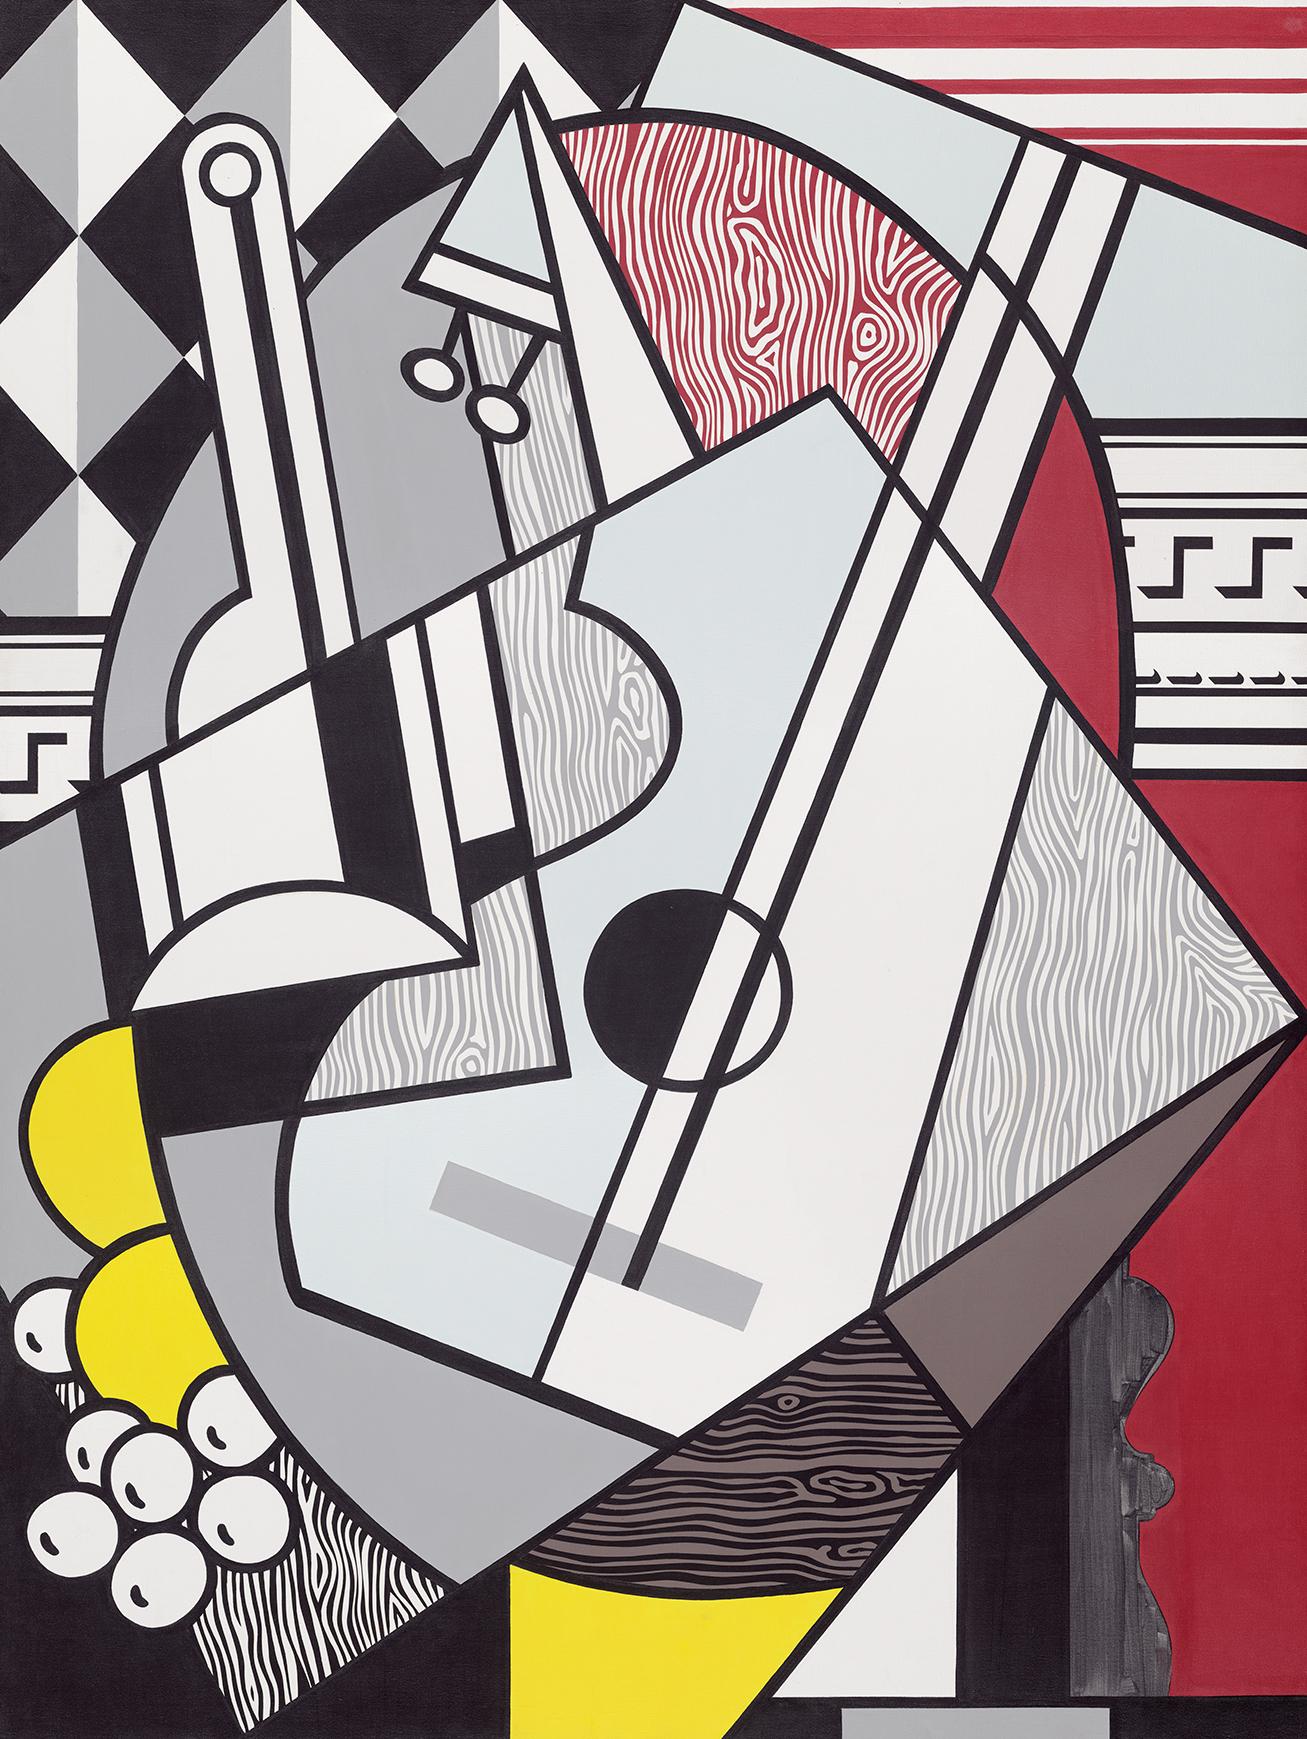 Picasso Cubist Faces Pablo picasso was